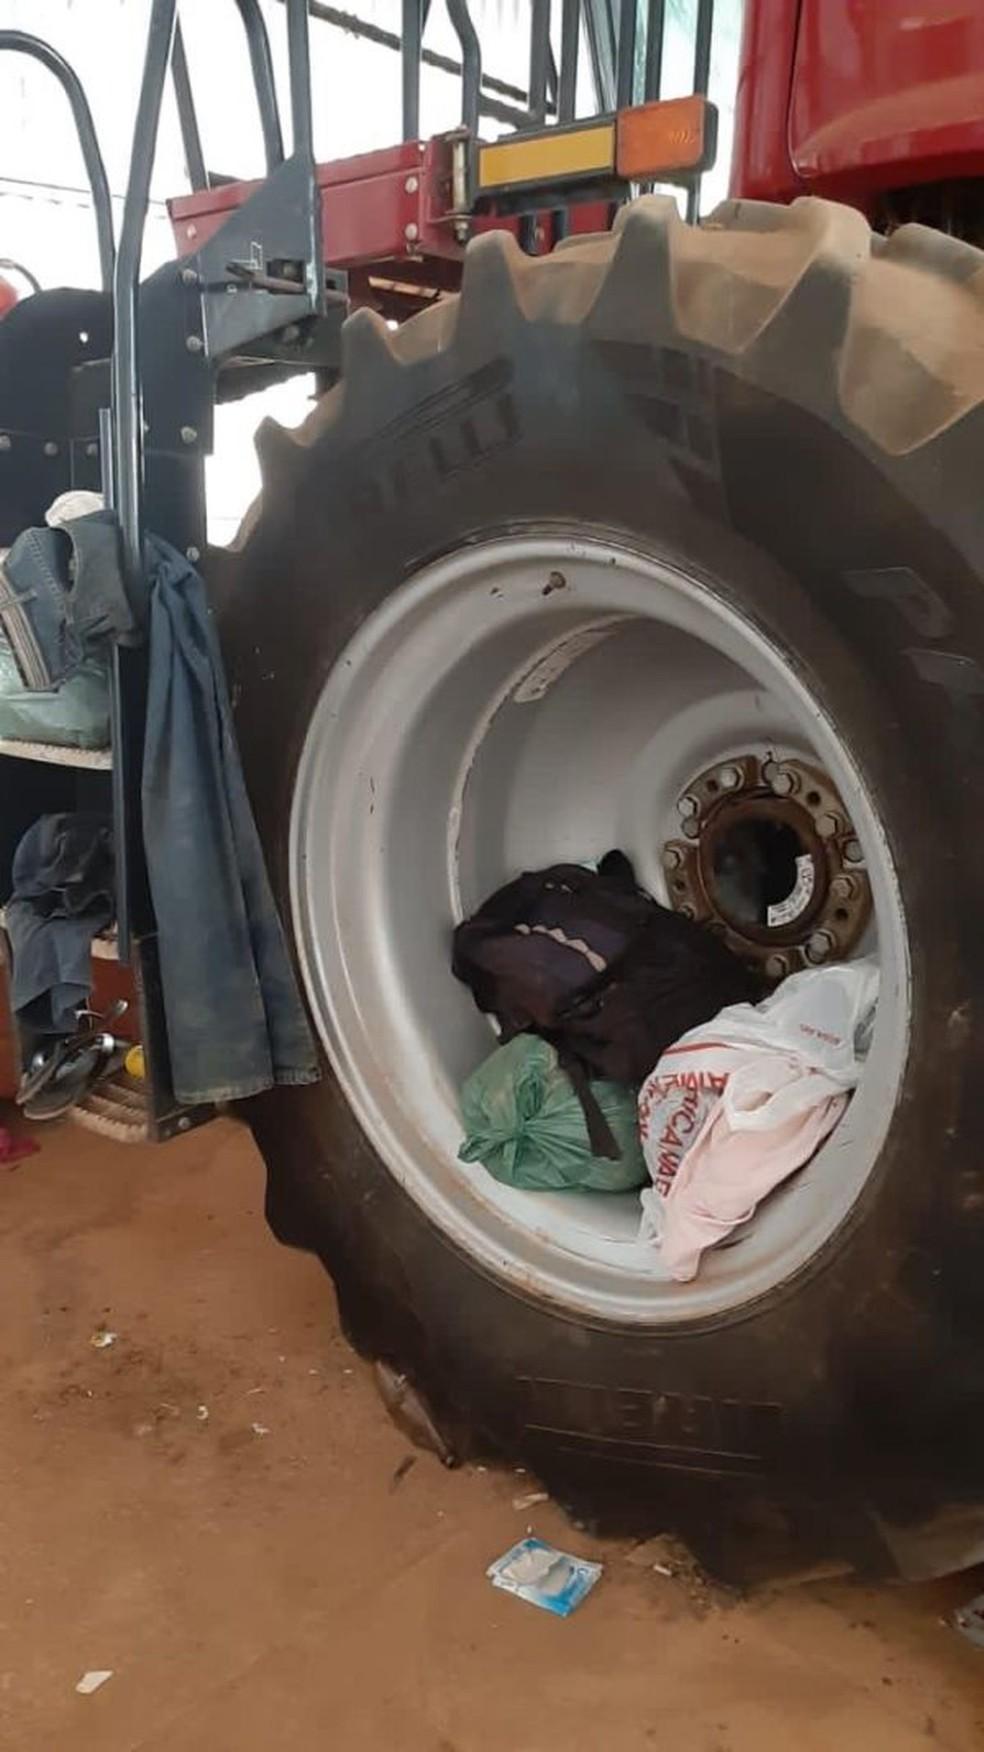 21 trabalhadores são resgatados trabalhando em situação análoga à escravidão no Pará — Foto: Ministério Público do Trabalho